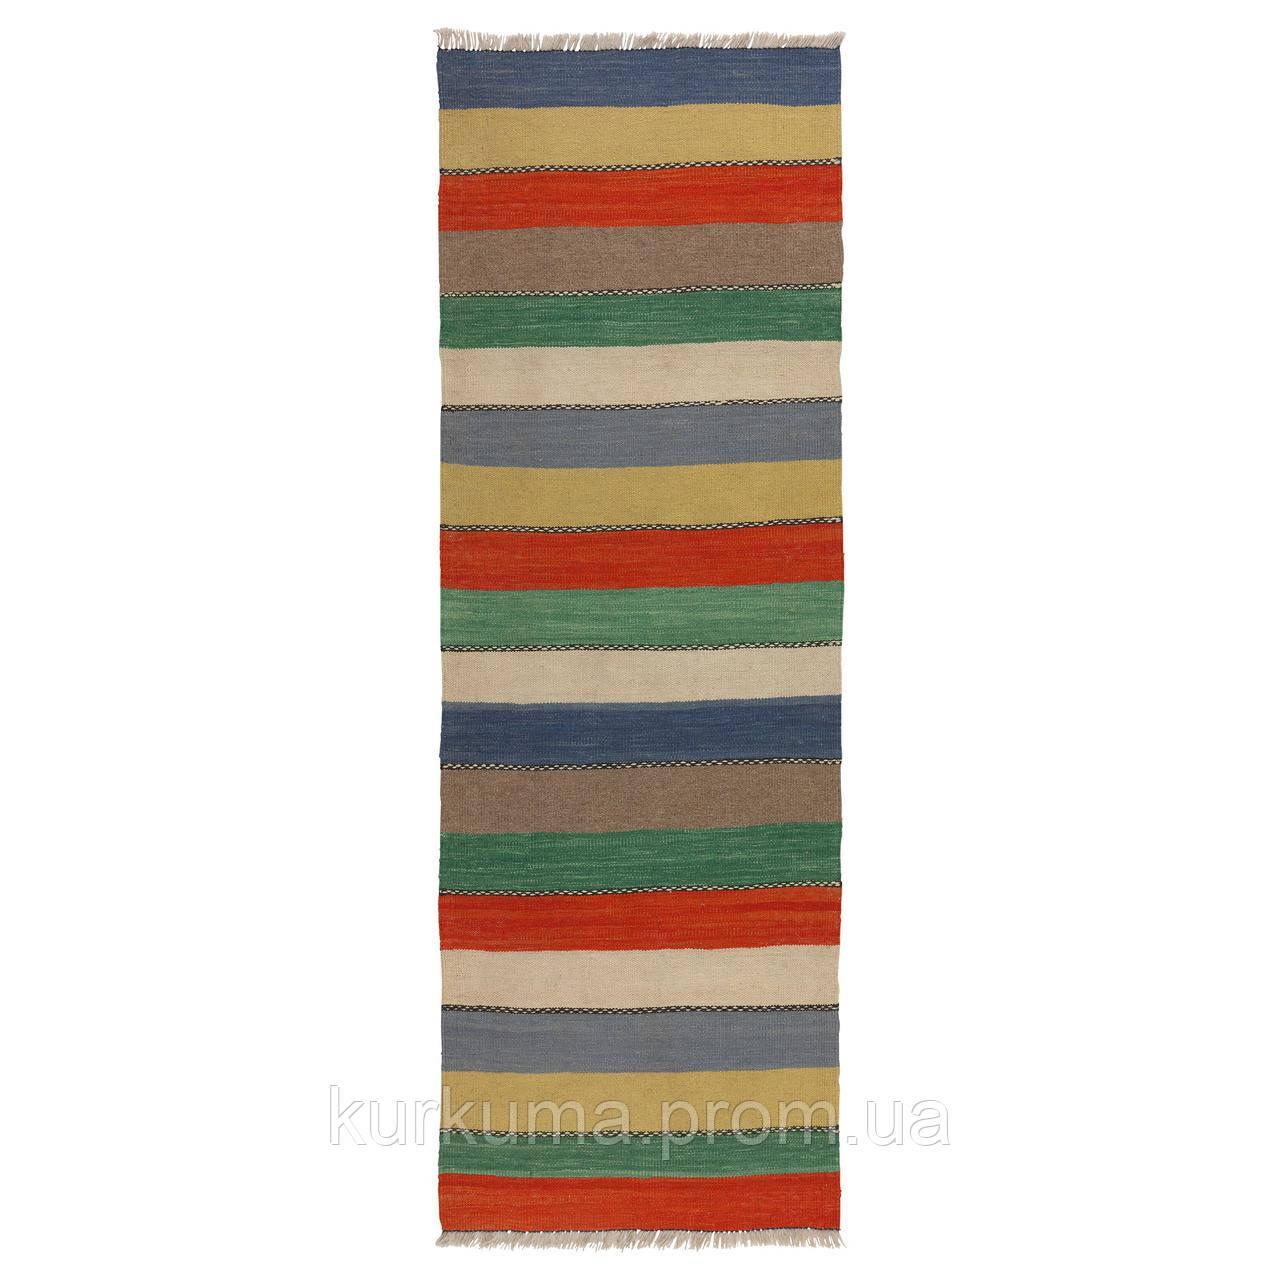 IKEA PERSISKKELIMGASHGAI Ковер безворсовый, ручной работы  (102.992.45)